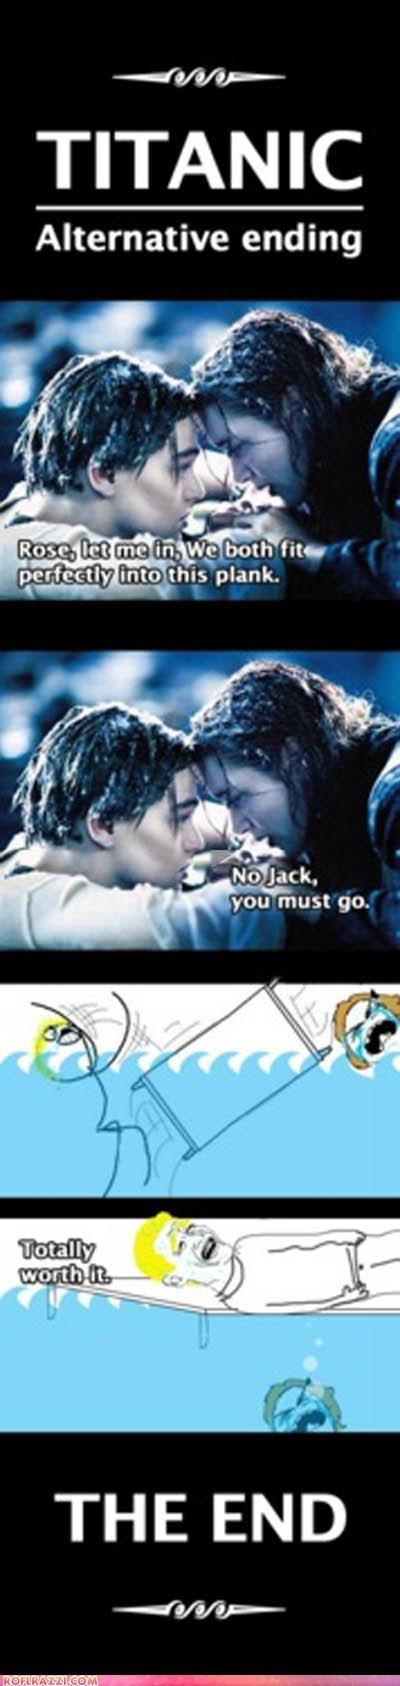 comic funny kate winslet leonardo dicaprio meme Movie titanic - 6040736768